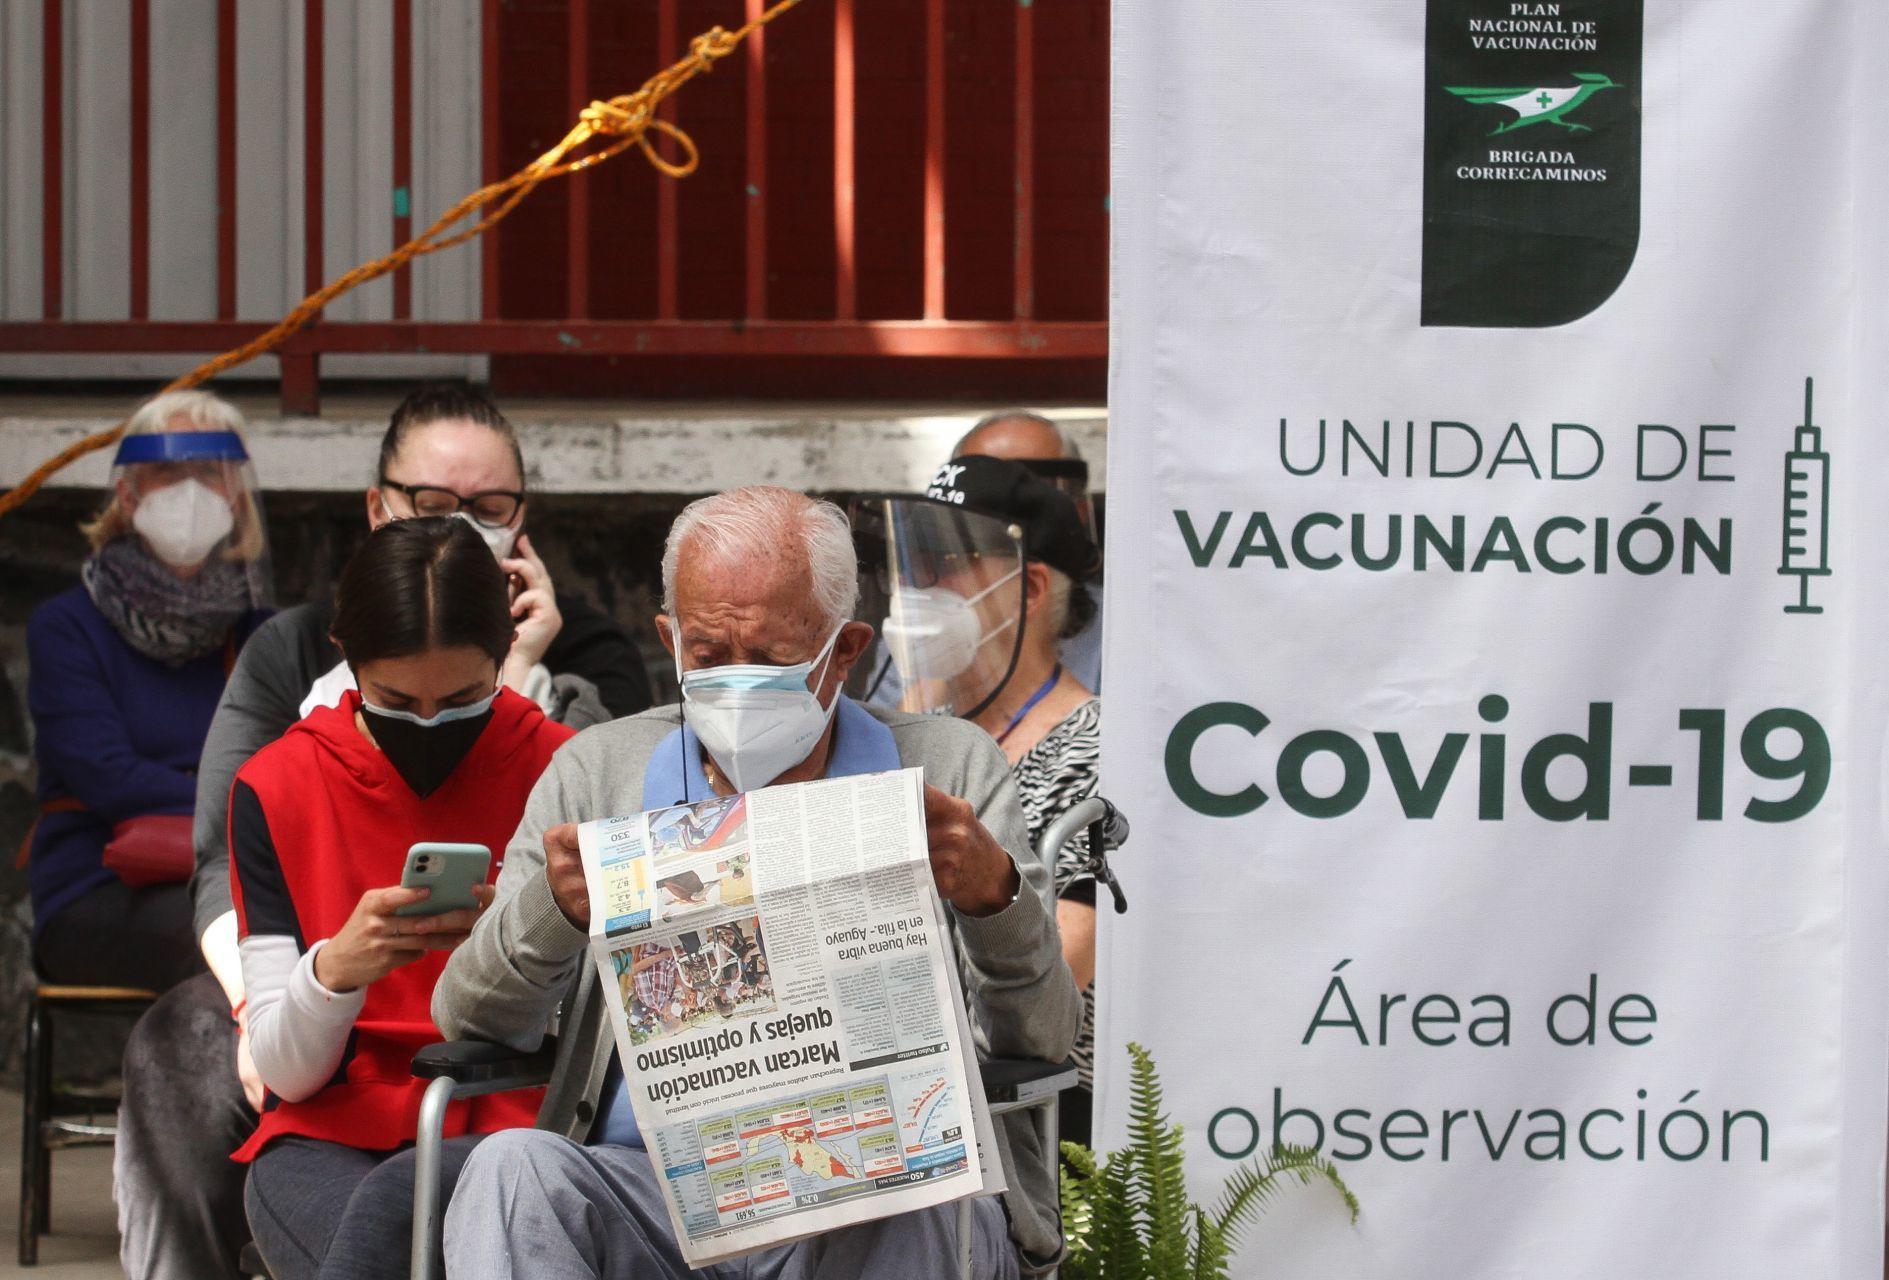 Aspecto de la vacuna Astrazeneca contra COVID-19 previo a ser inyectada a un adulto mayor